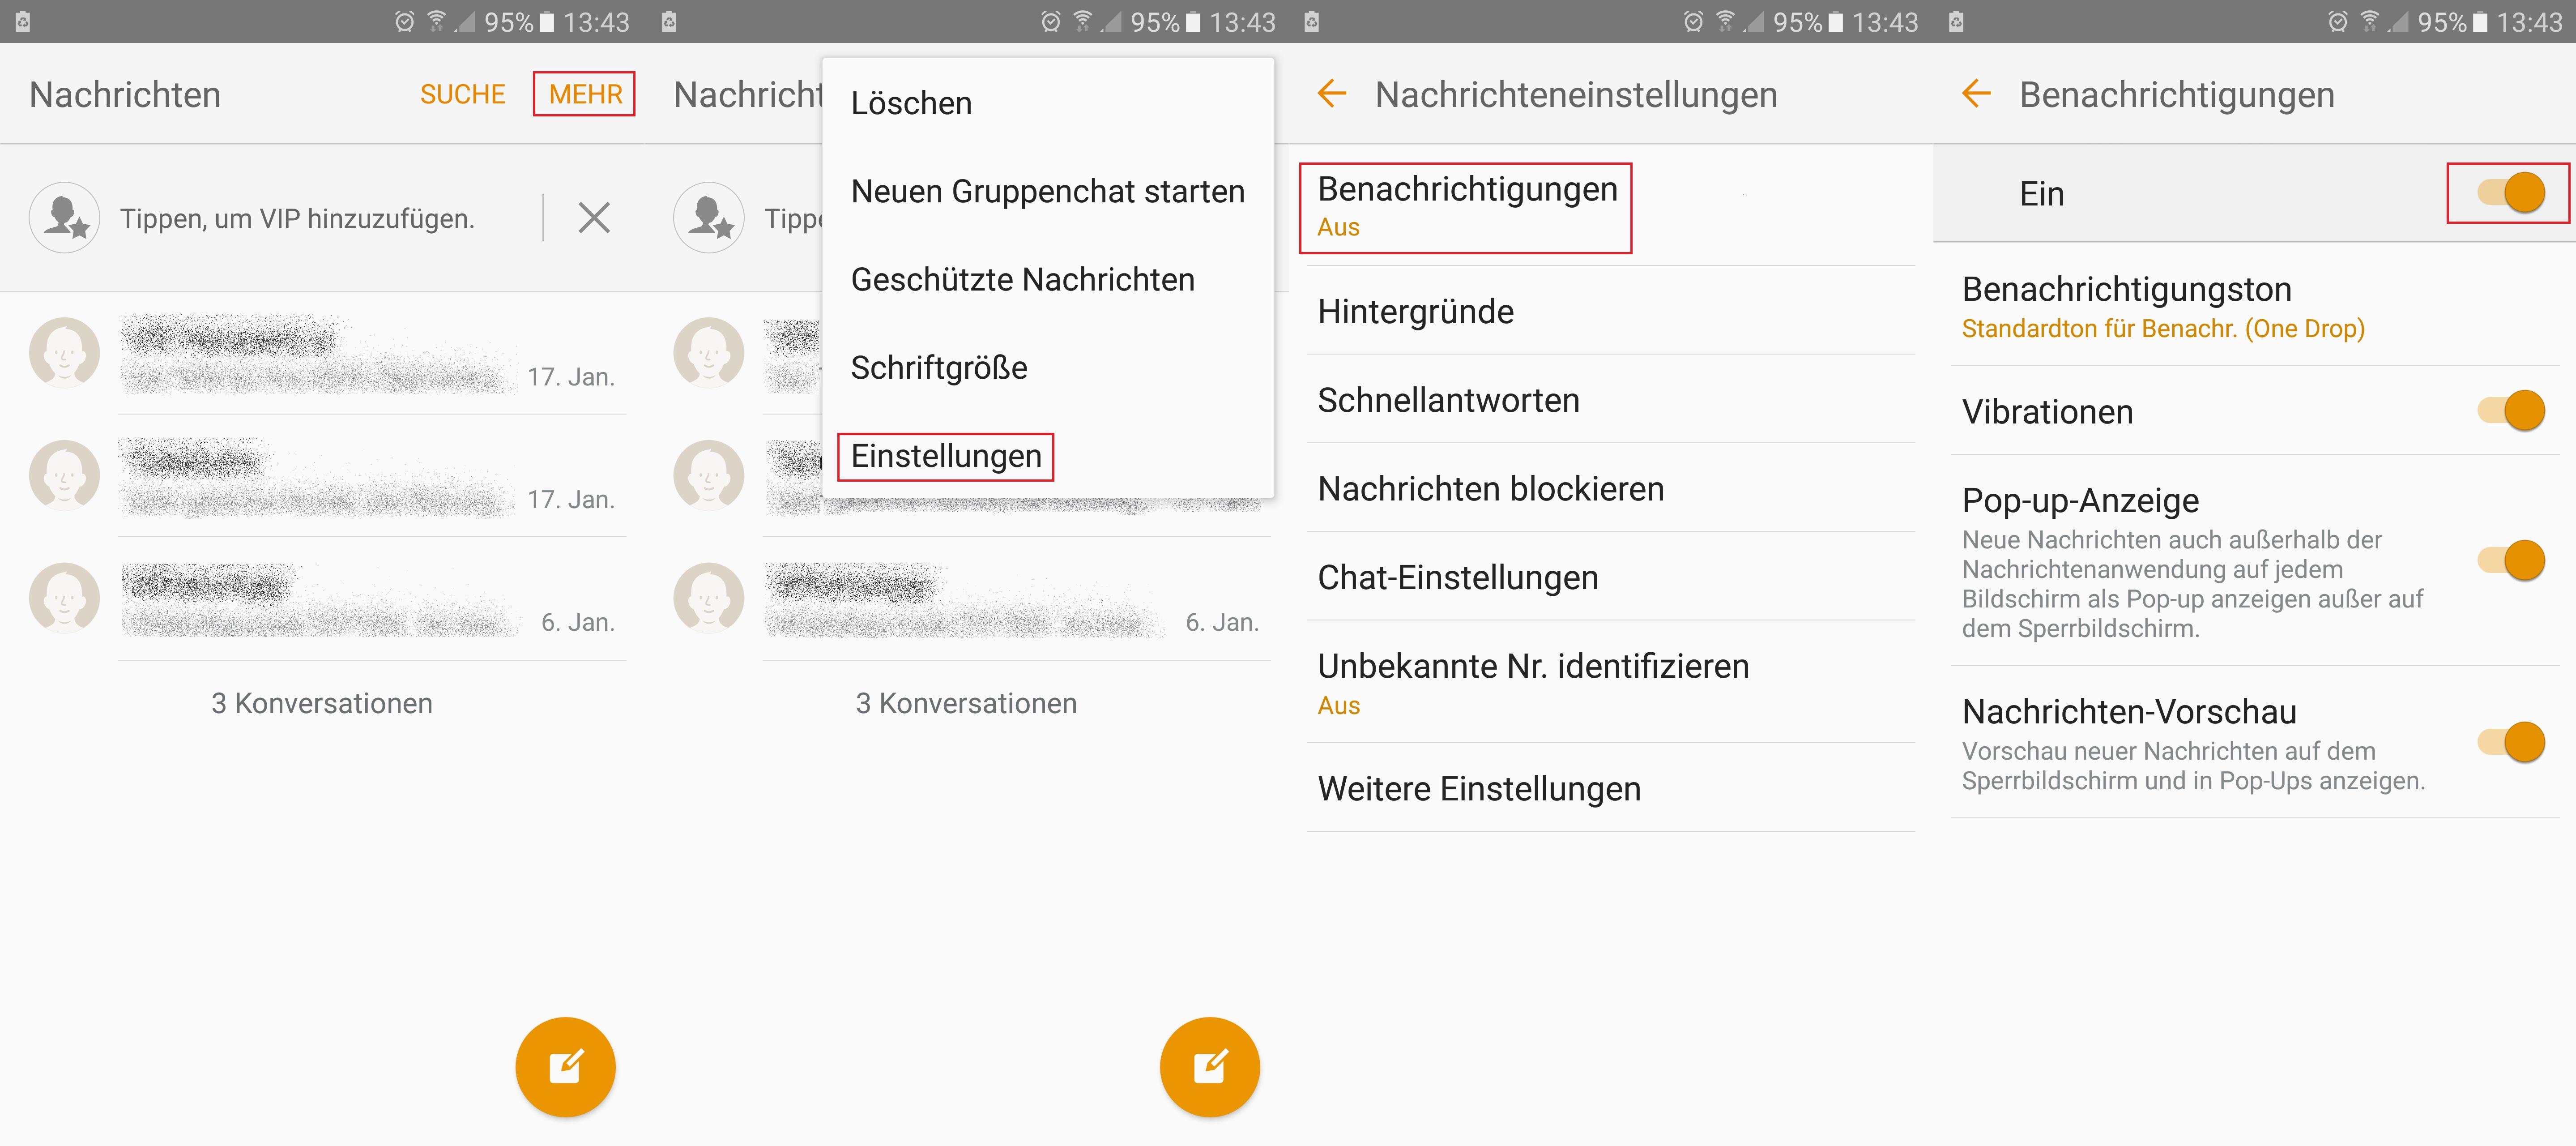 SMS kommt nicht an oder kann nicht gesendet werden – Lösungen